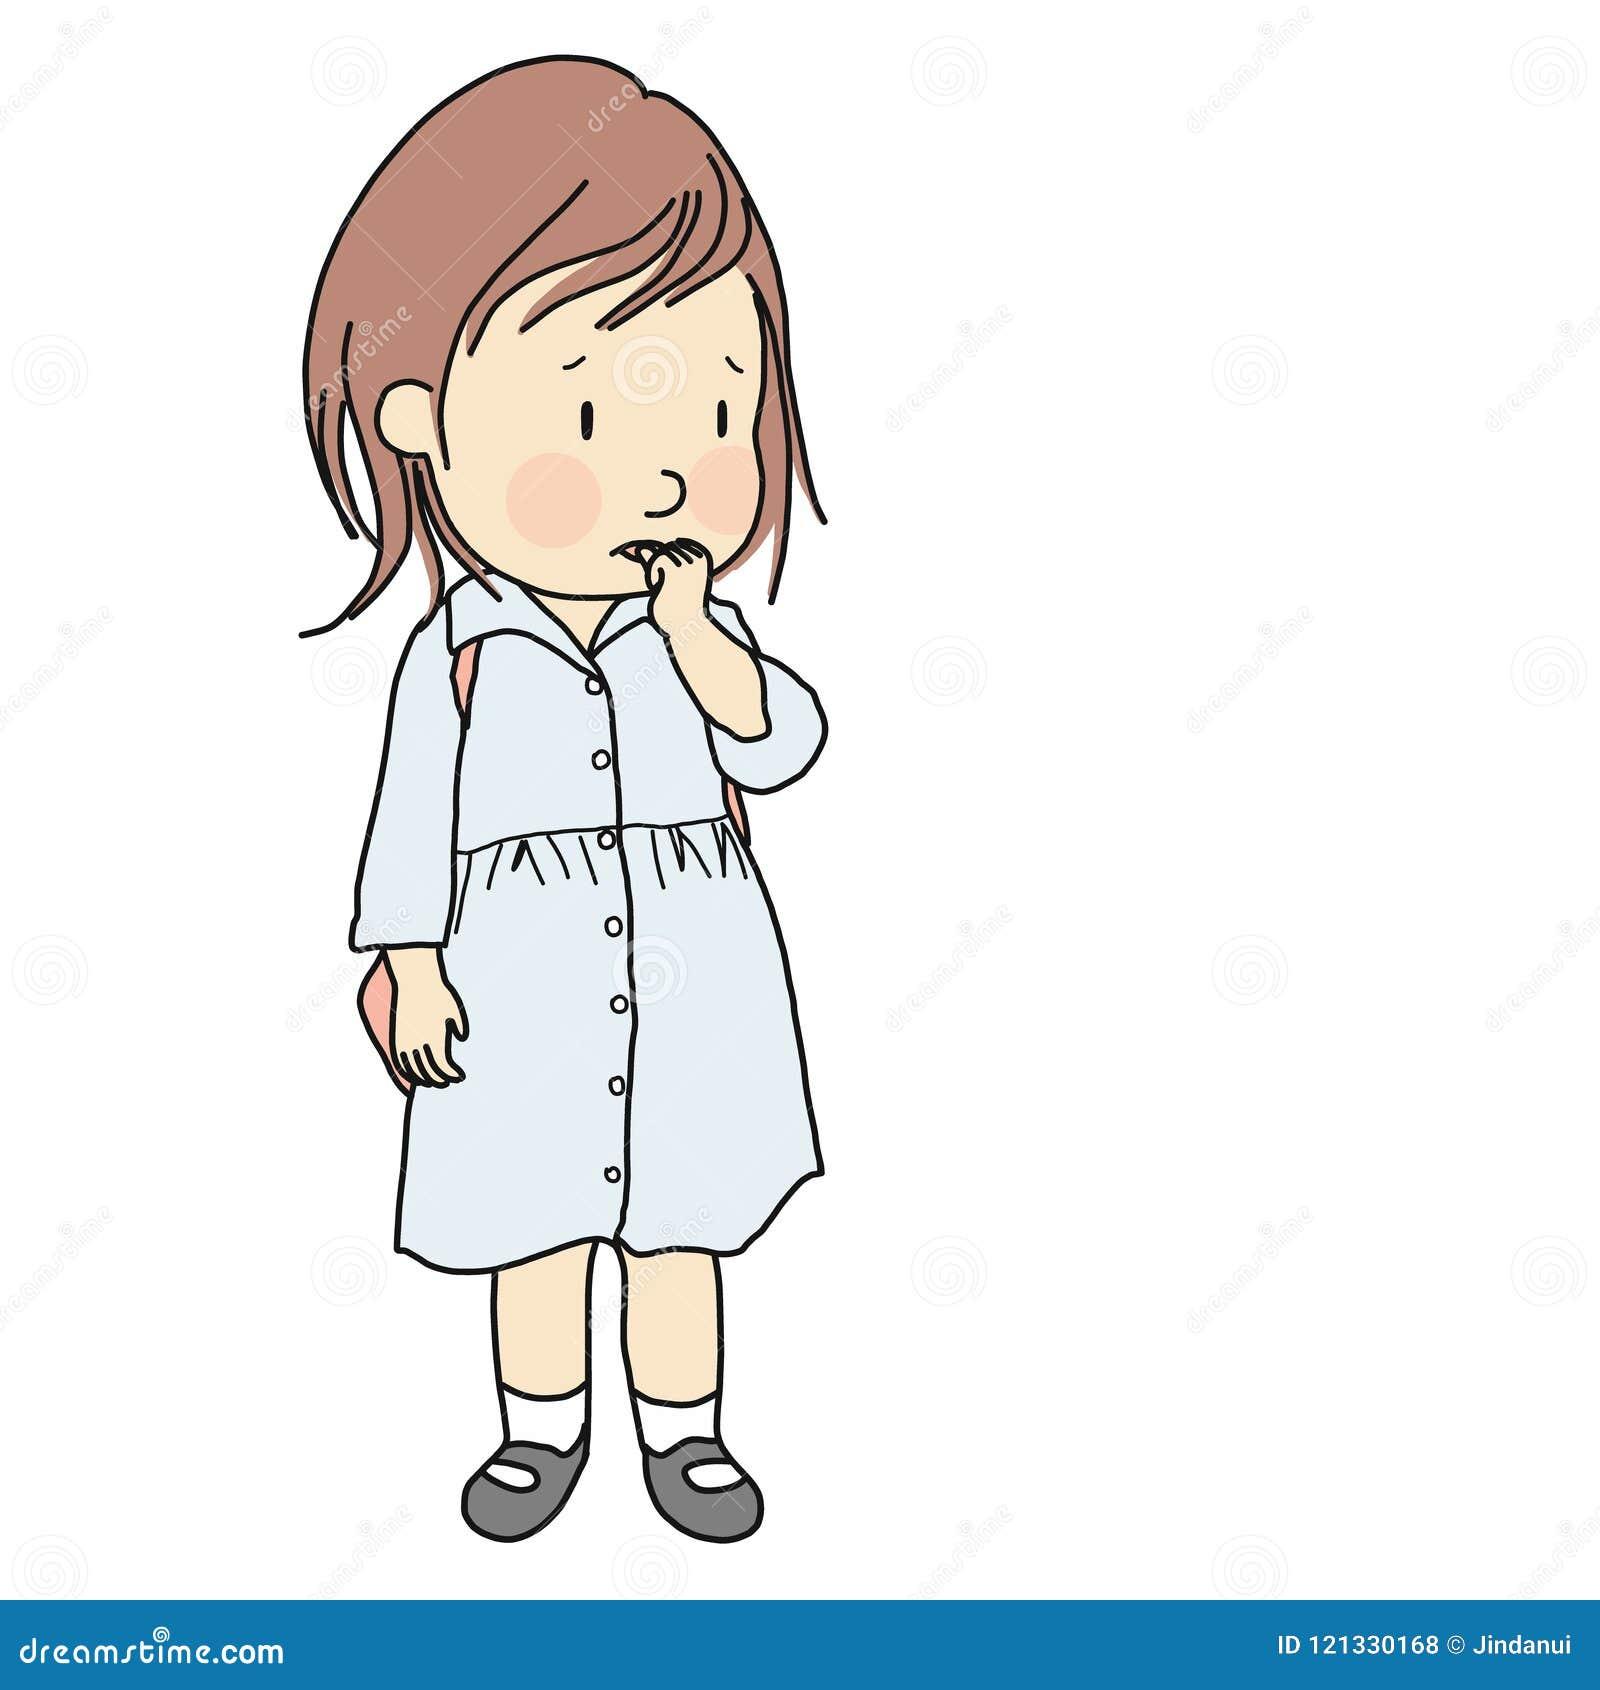 Vector иллюстрация маленького ребенка сдерживая ее ноготь для того чтобы сбросить тревожность, одиночество, стресс развитие детст